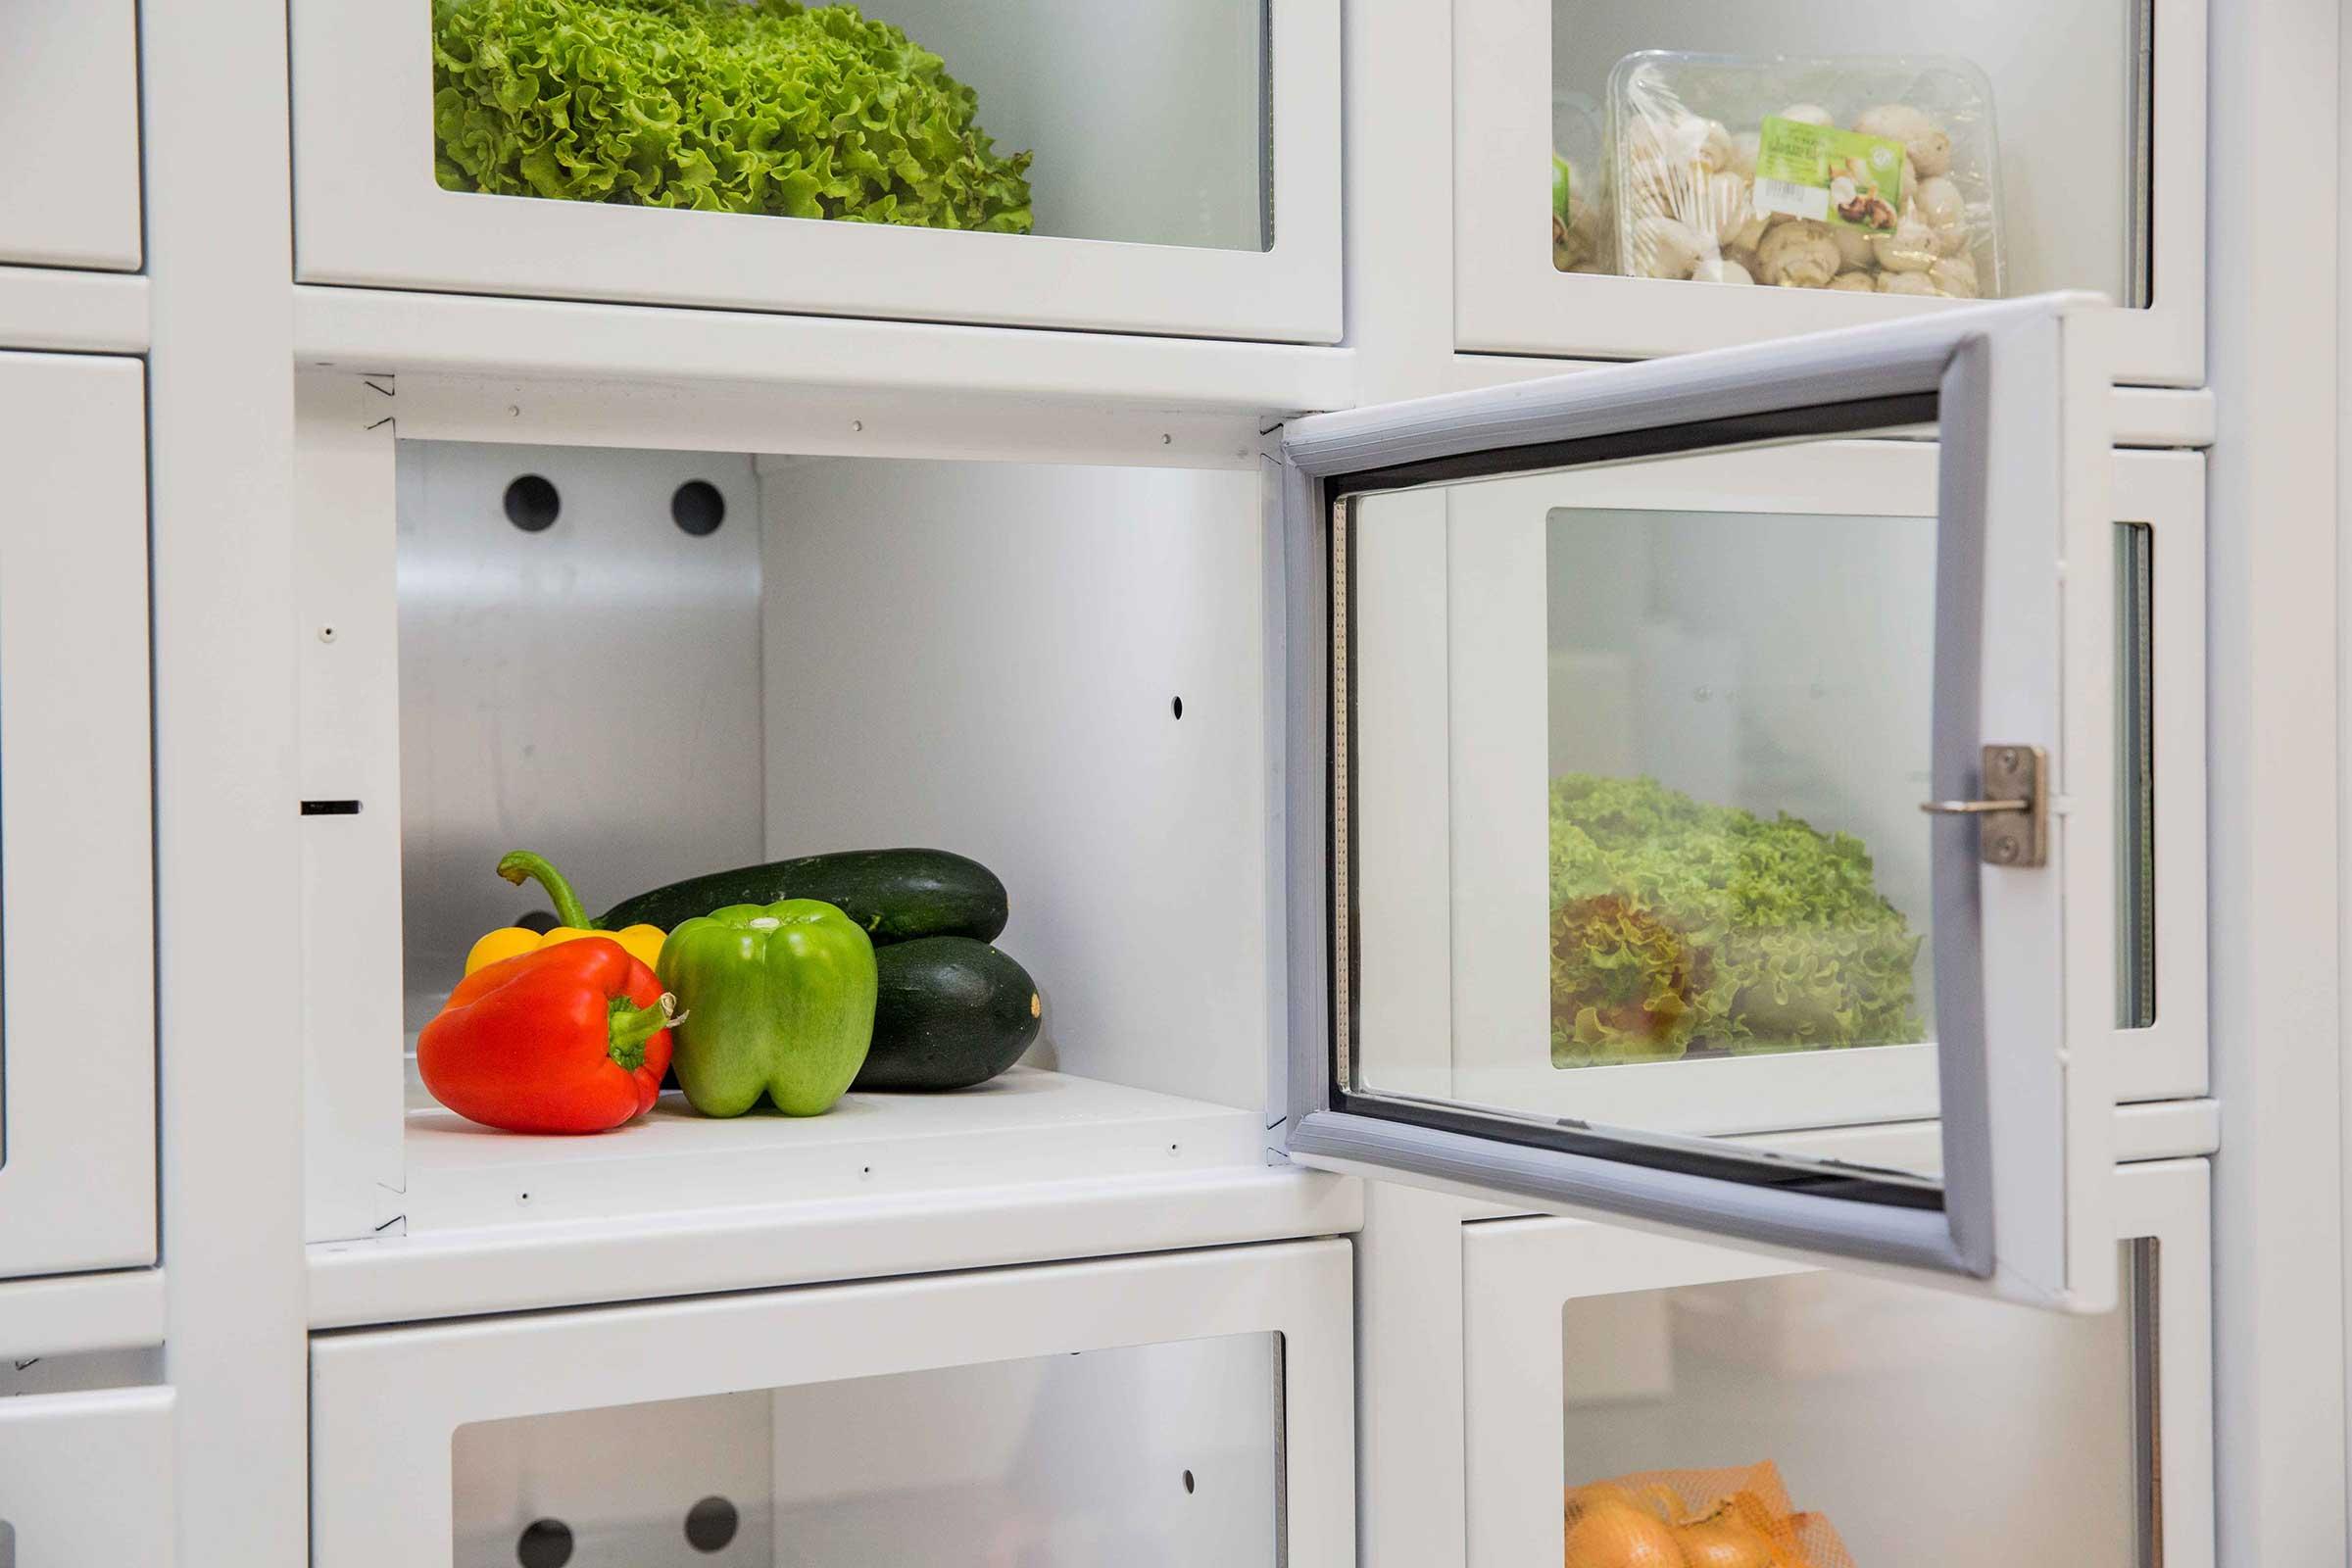 Vegetables in a vending machine Le Casier Français